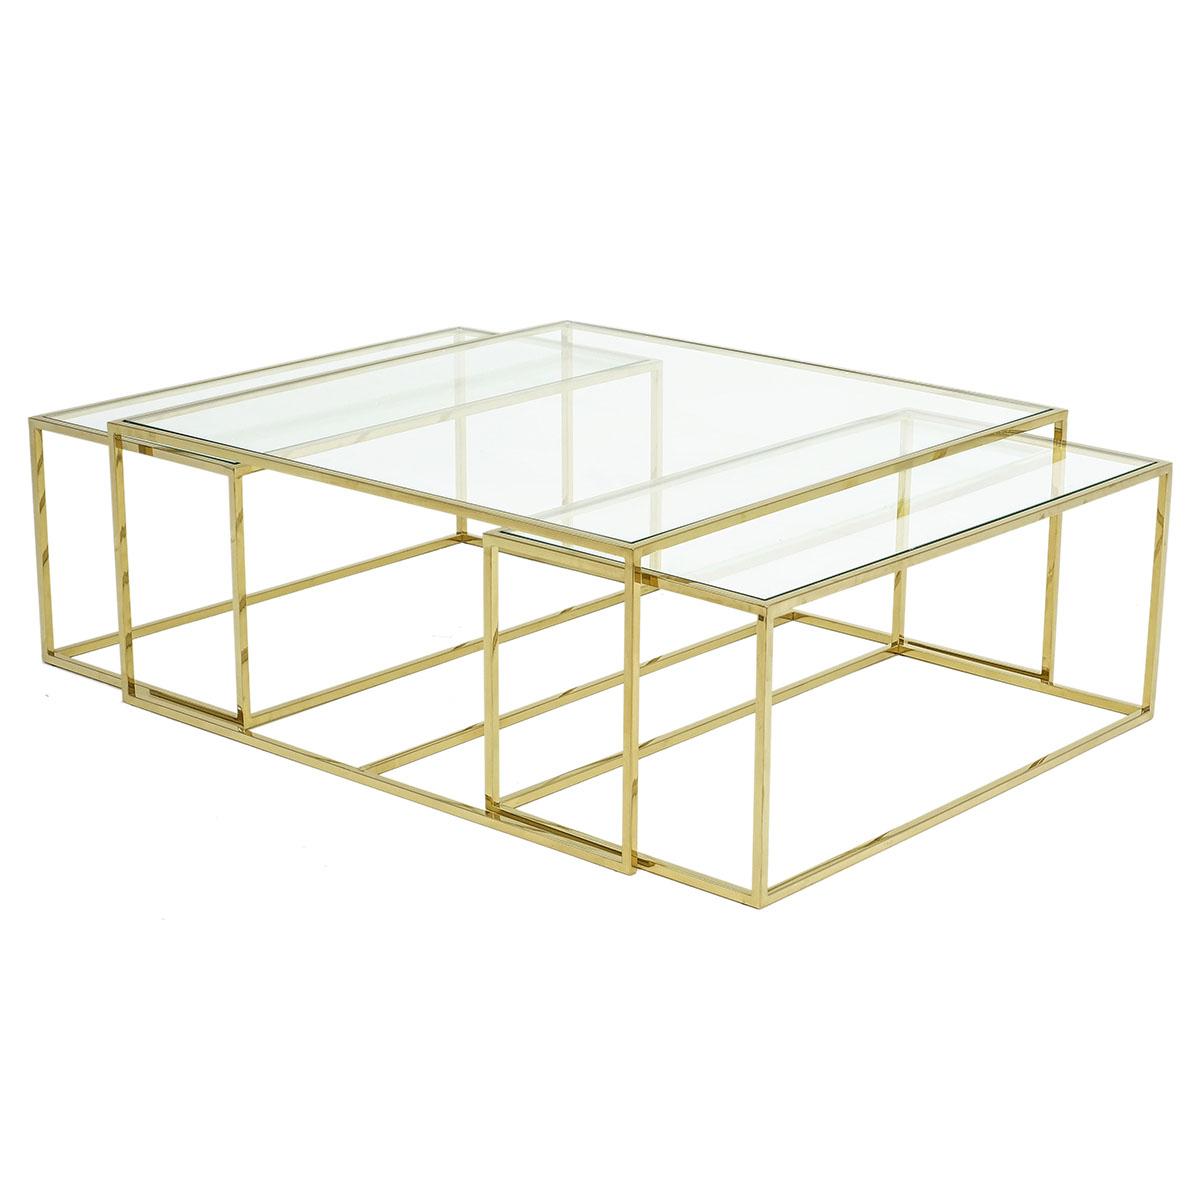 Three Set Table Large – Polerad Mässing